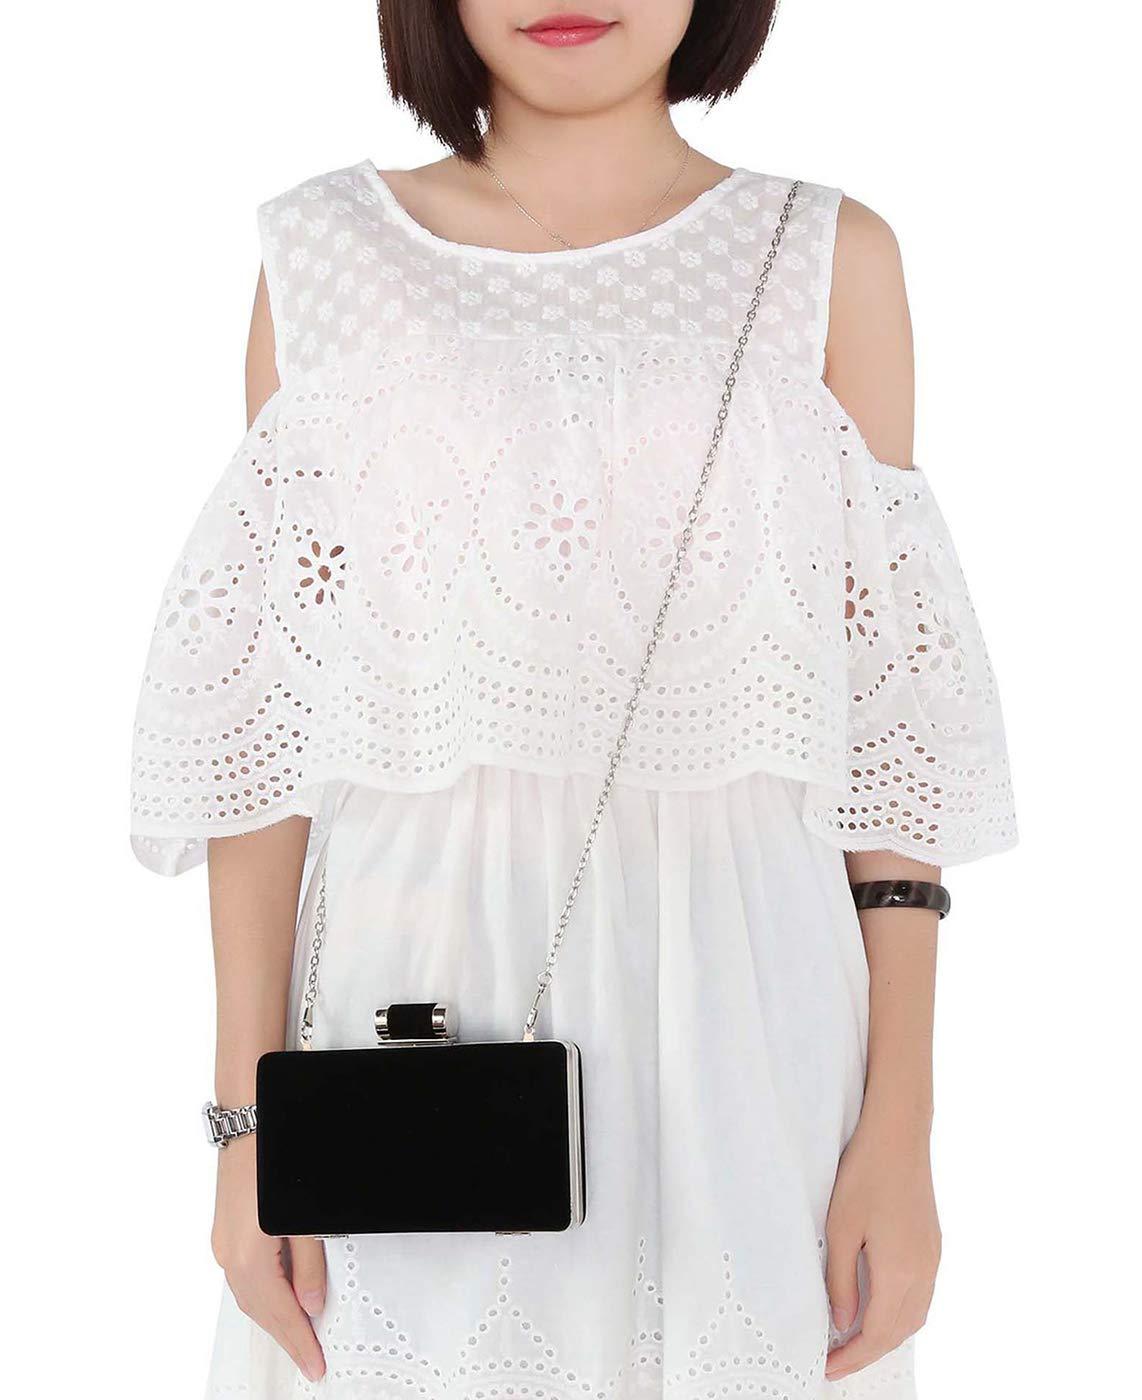 61zpnvZsJjL - BAIGIO Bolsa de Noche Mujer Elegante Bolso de Mano Bolso Clutch de Embrague Monedero de Terciopelo para Mujeres y…